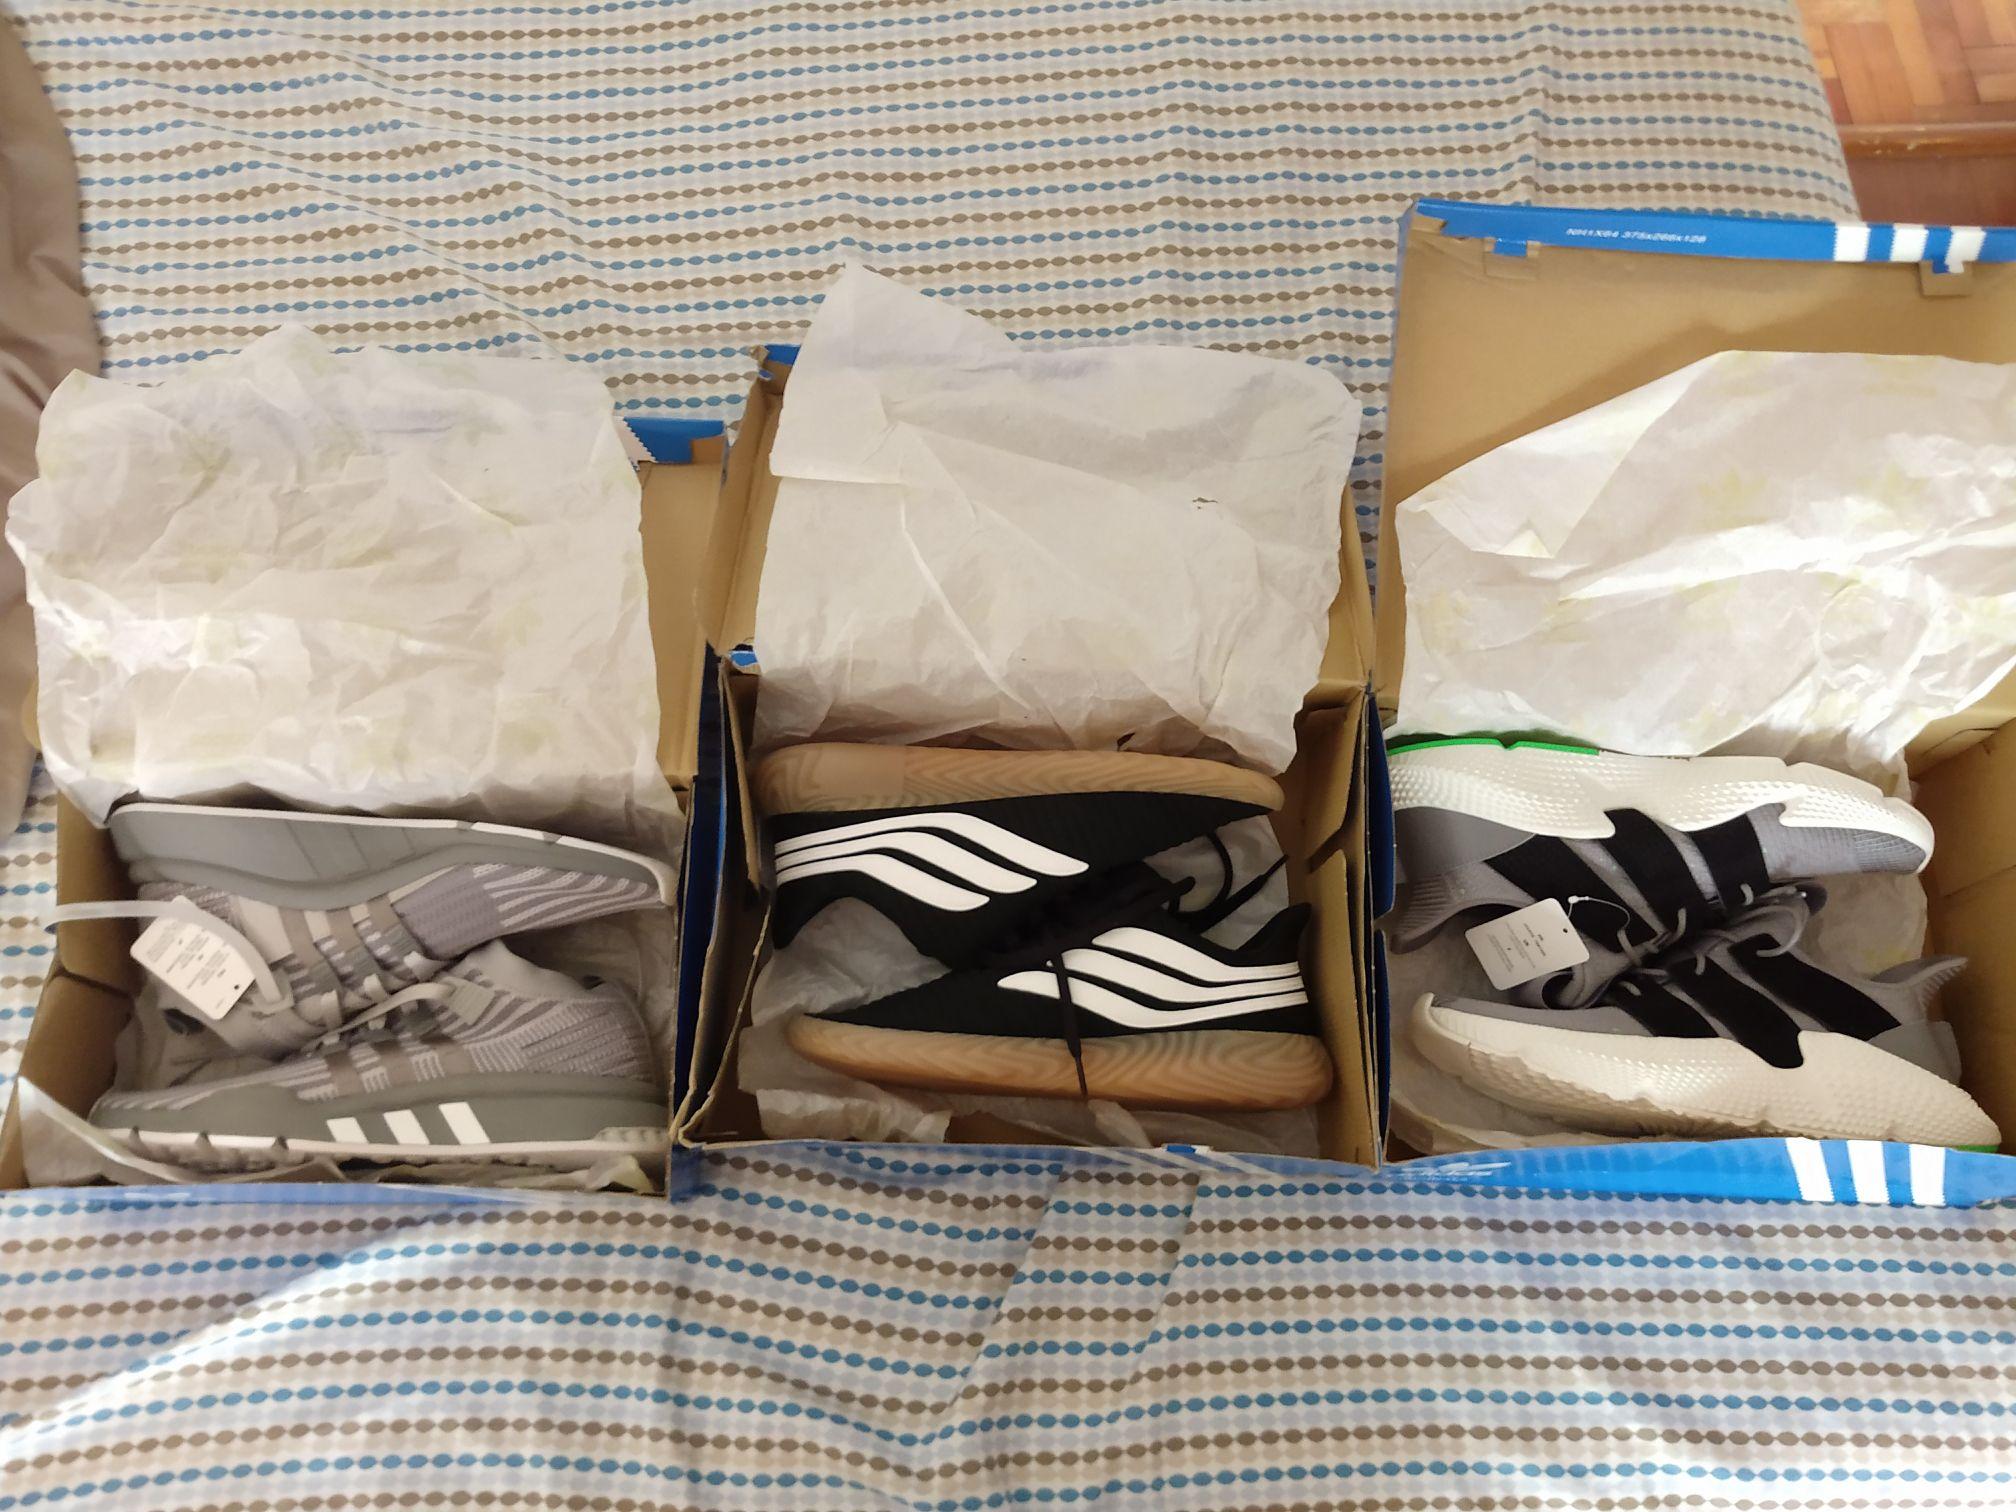 Outlet Adidas Metepec: 50% de descuento adicional